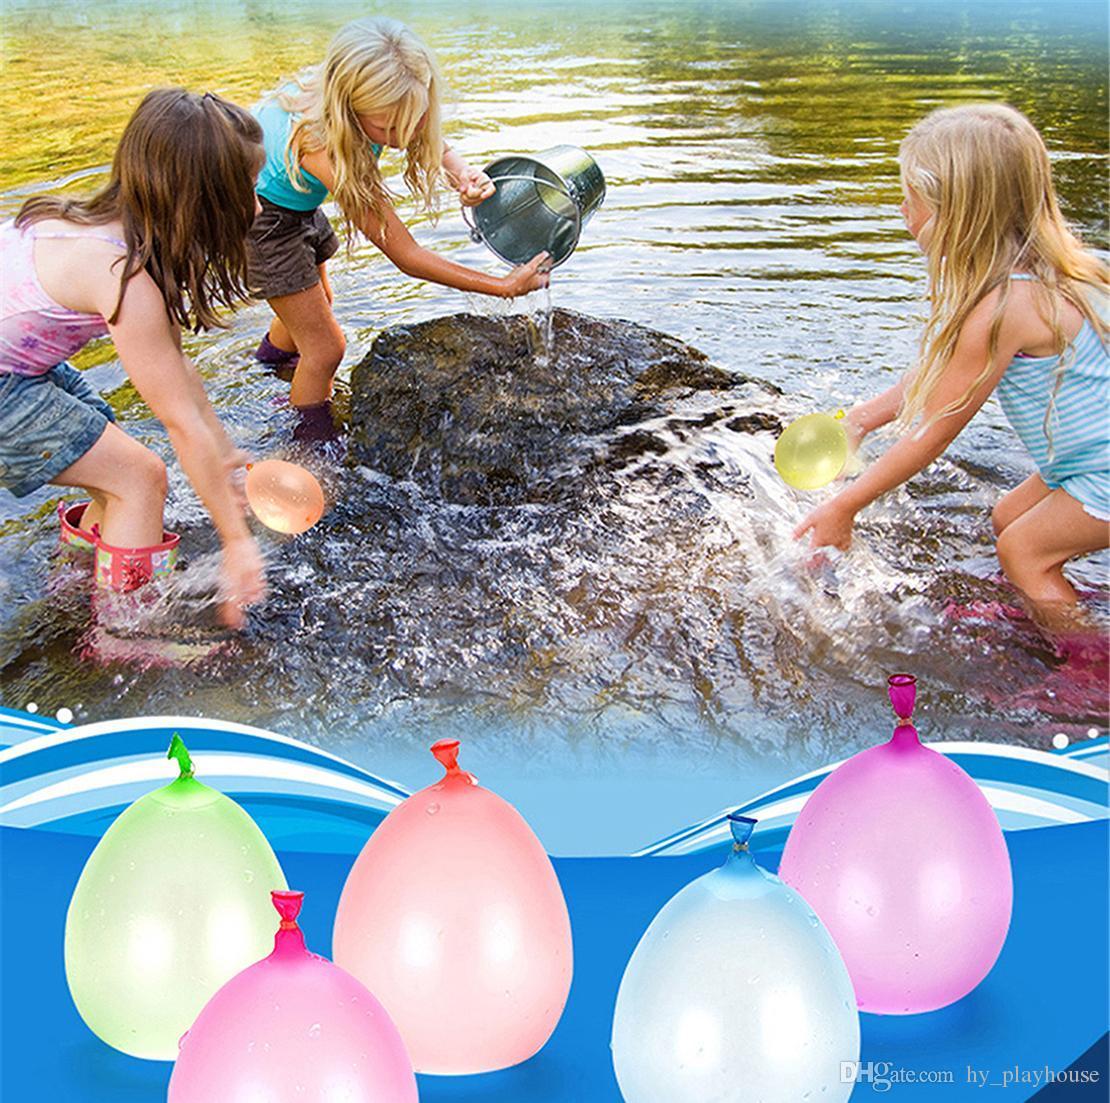 1SET = 111pcs الصيف ماجيك المياه الملونة تعبئة بالون الأطفال شاطئ حزب لعبة في الهواء الطلق المياه قنبلة بالون الأطفال الجدة لعبة الكمامة